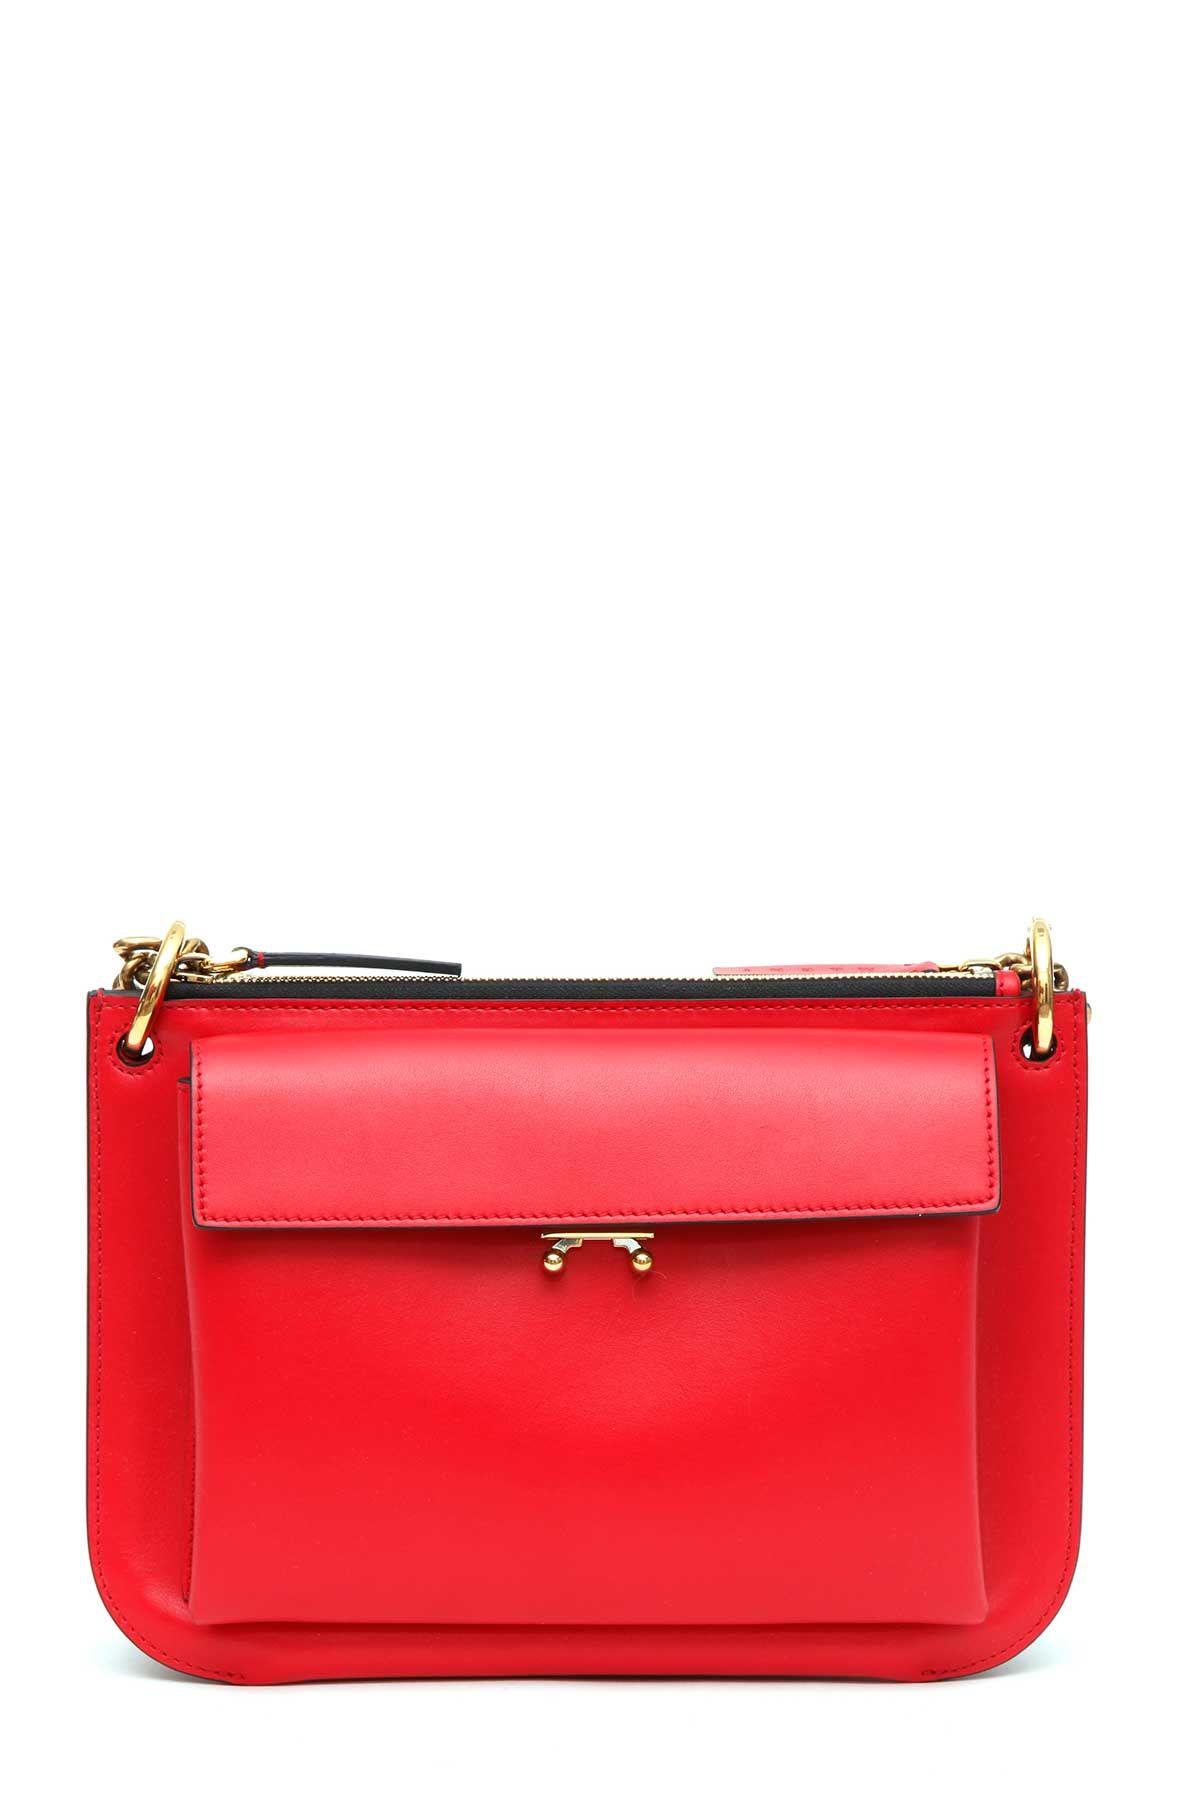 Marni pocket Bag